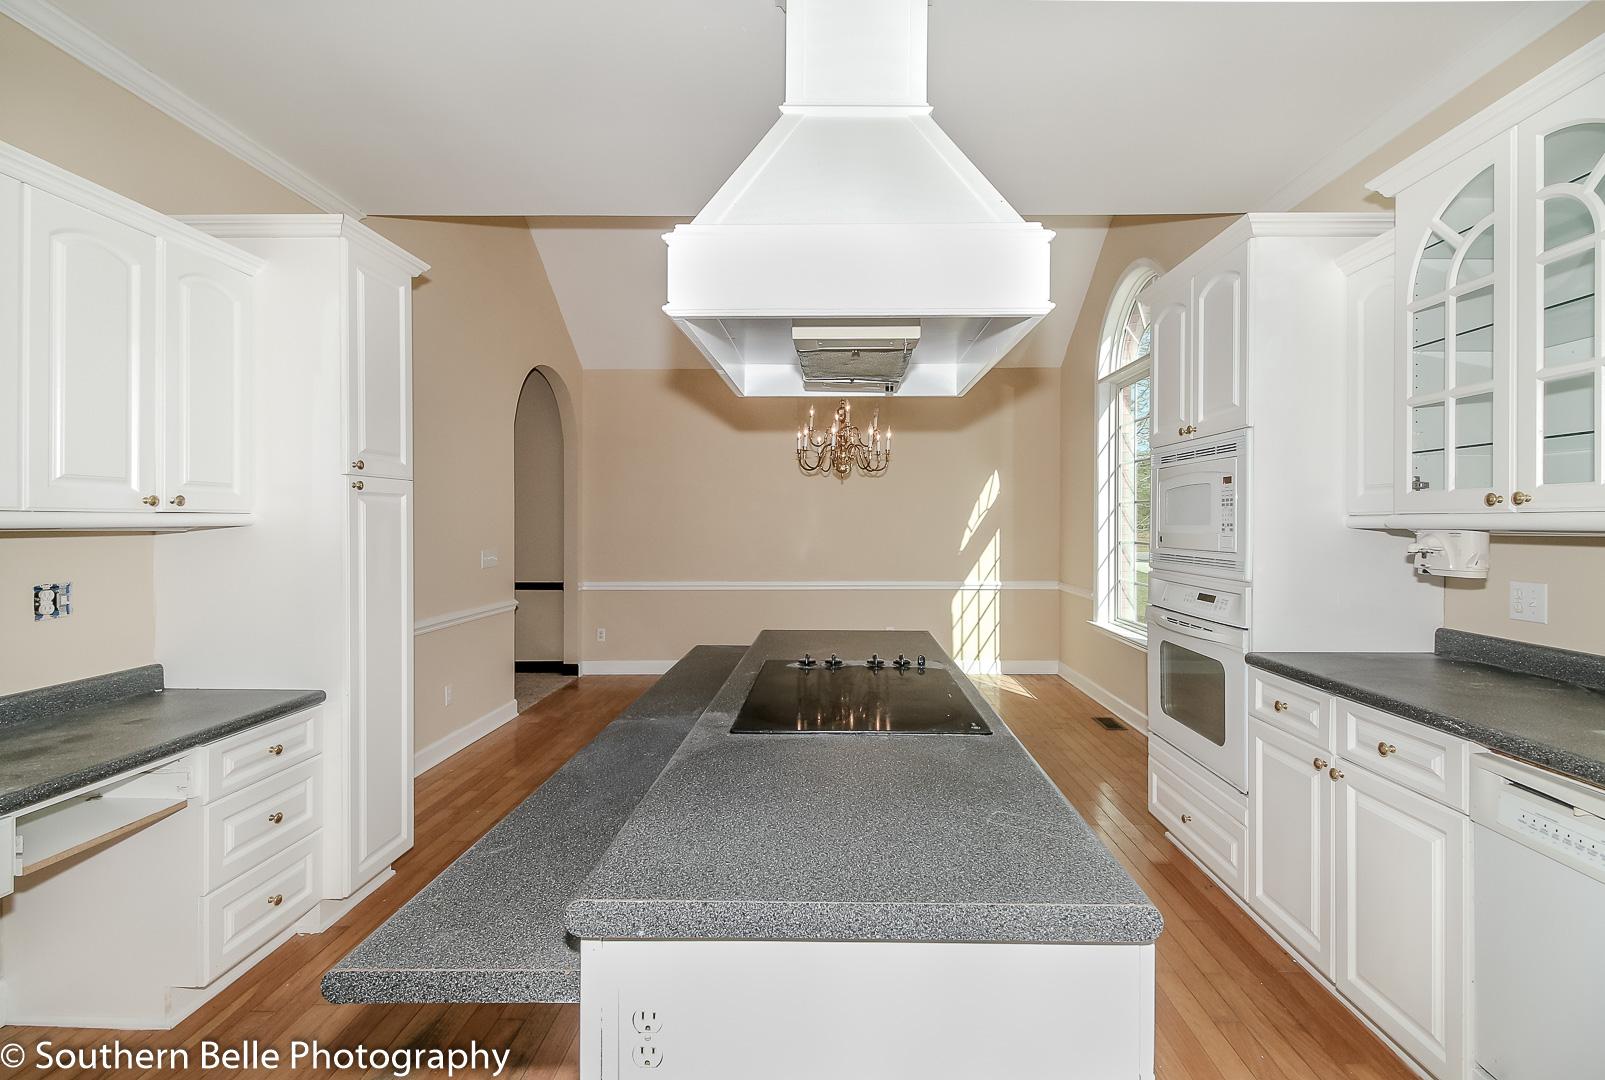 11. Kitchen & Dining Room View WM